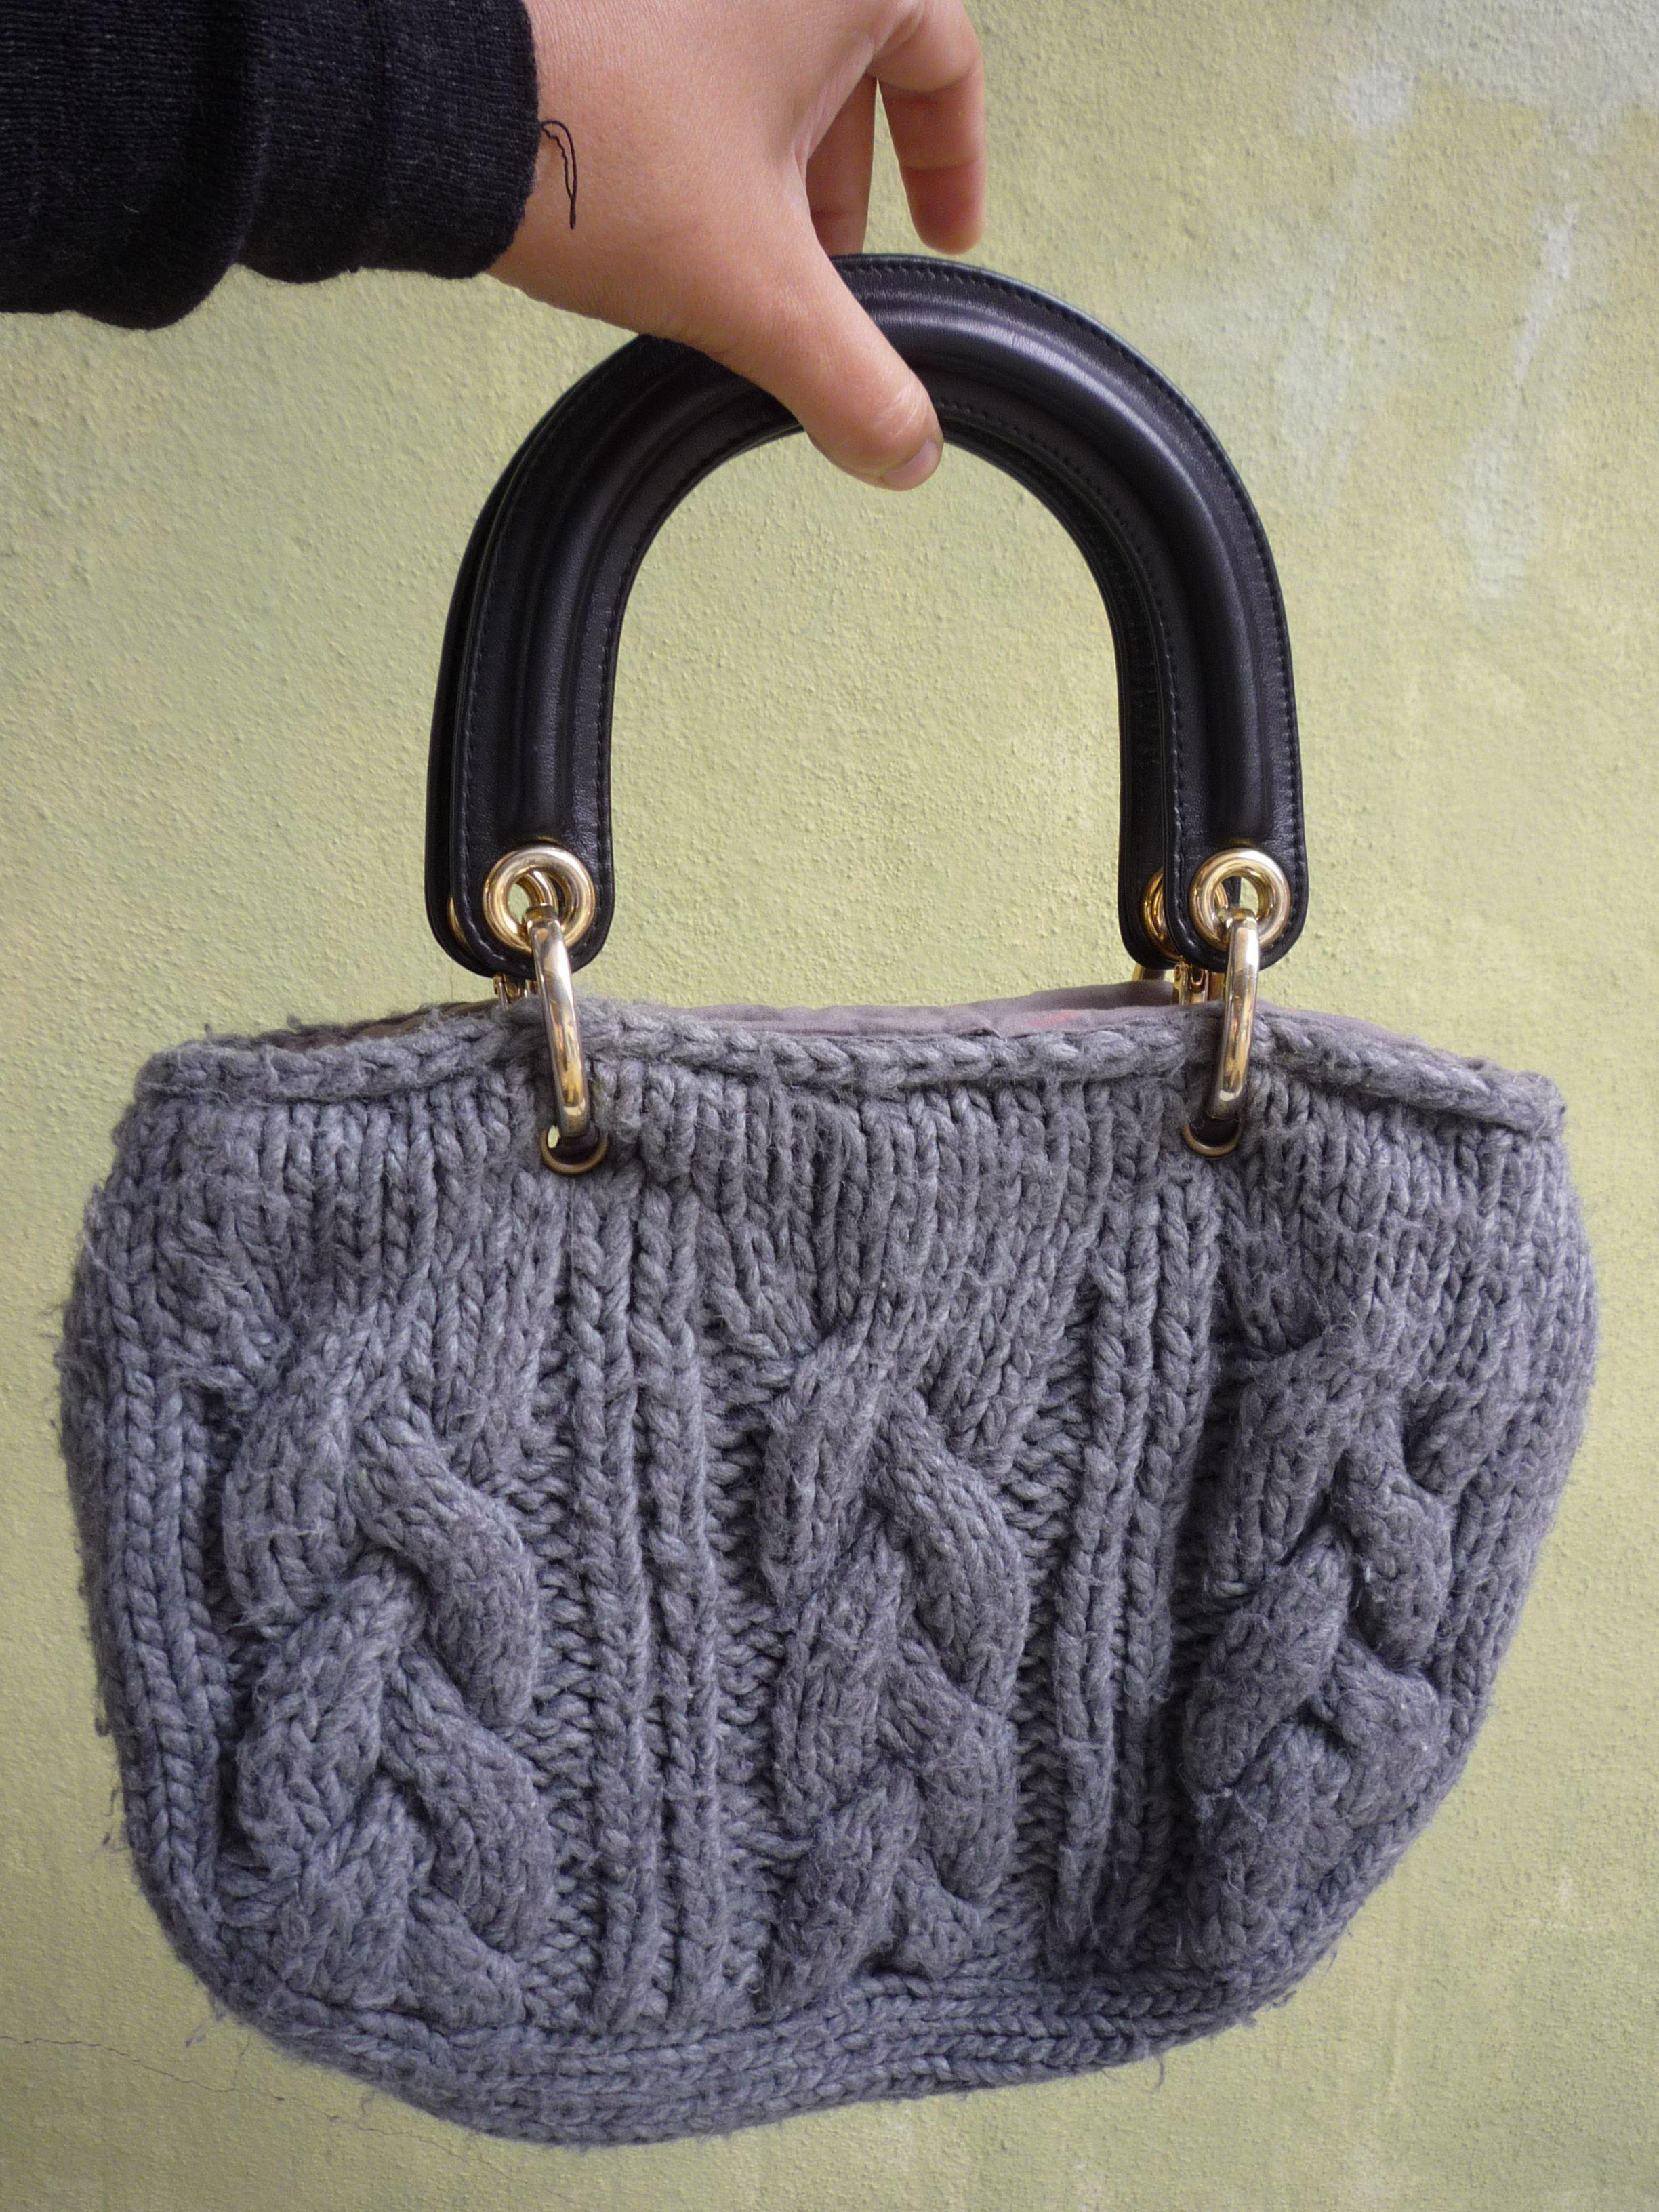 o inverno já lá vai. uma camisola de lã e umas alças duma velha mala tudo transformado numa mala nova,linda não?